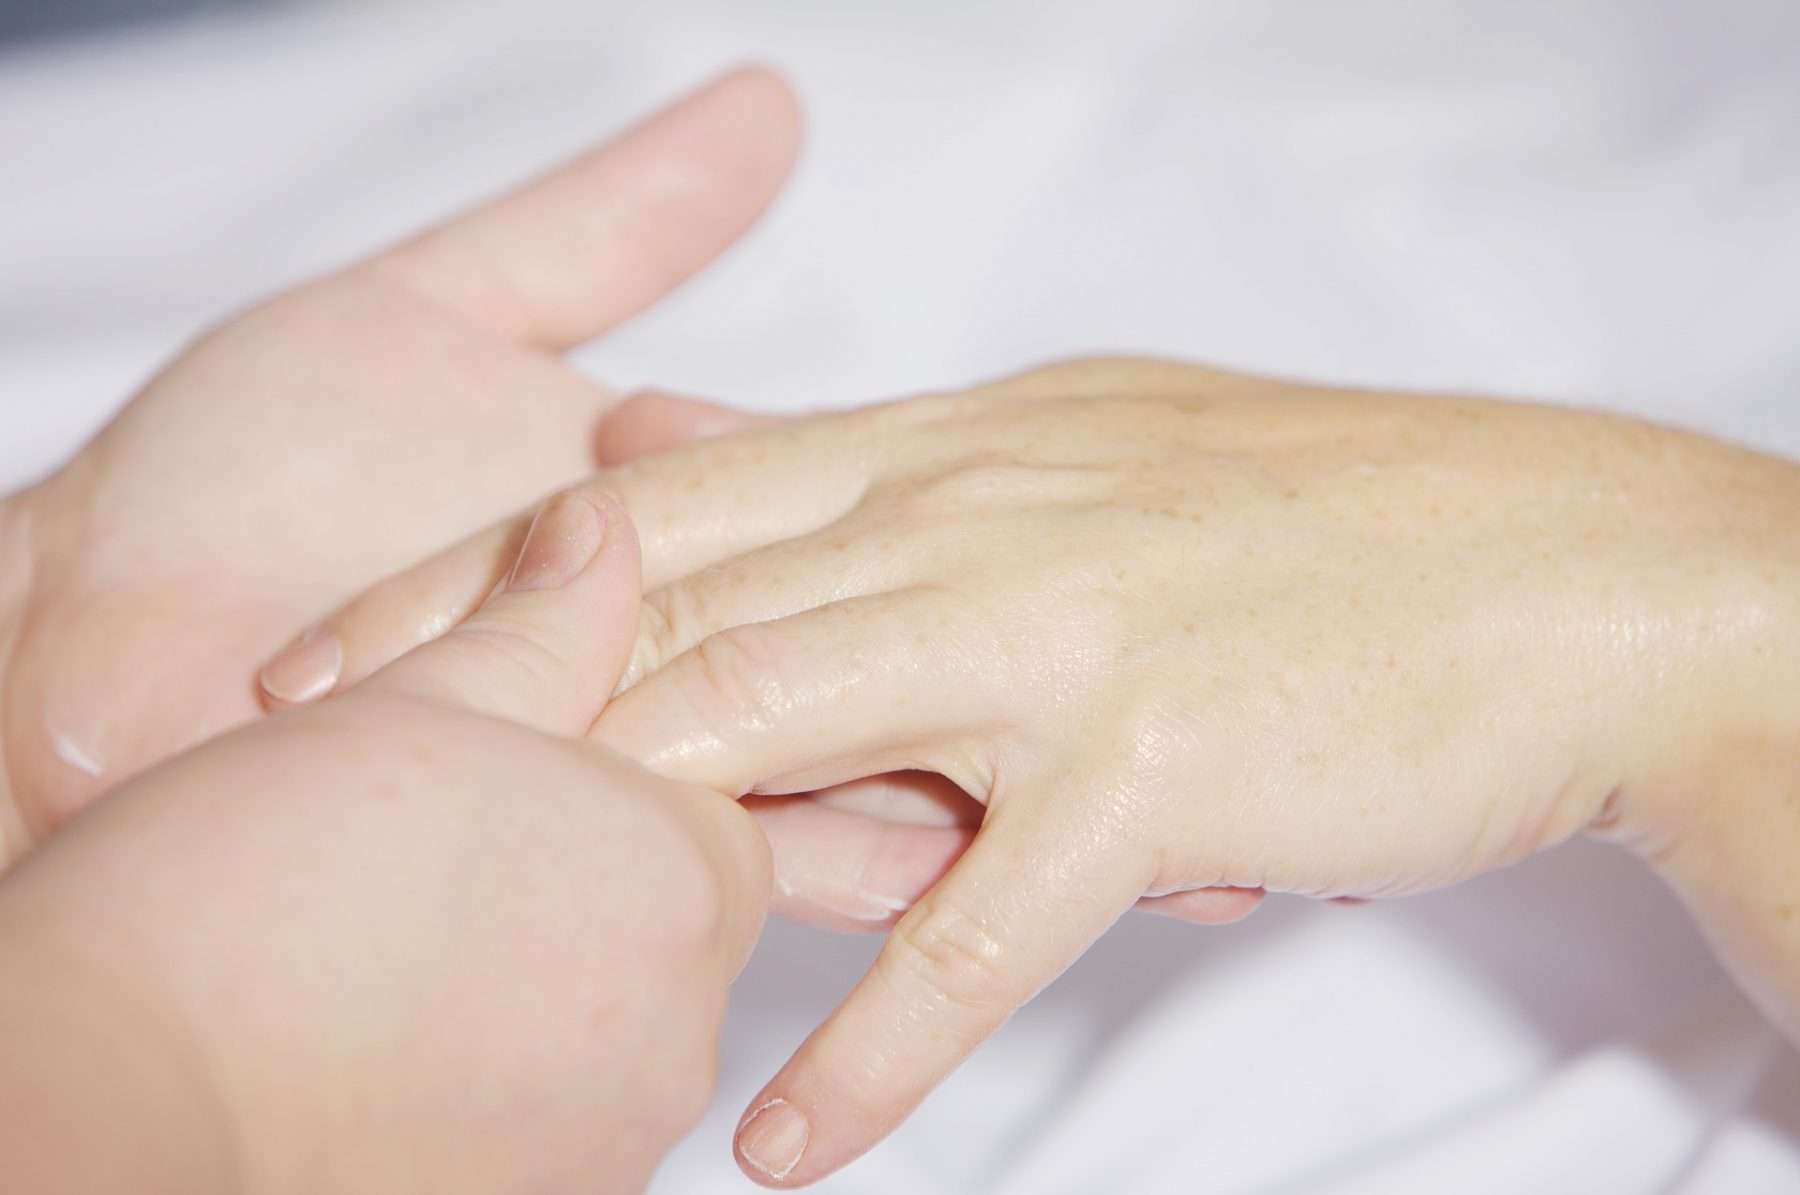 Ομορφιά: Πώς θα διατηρήσουμε τα χέρια μας απαλά;